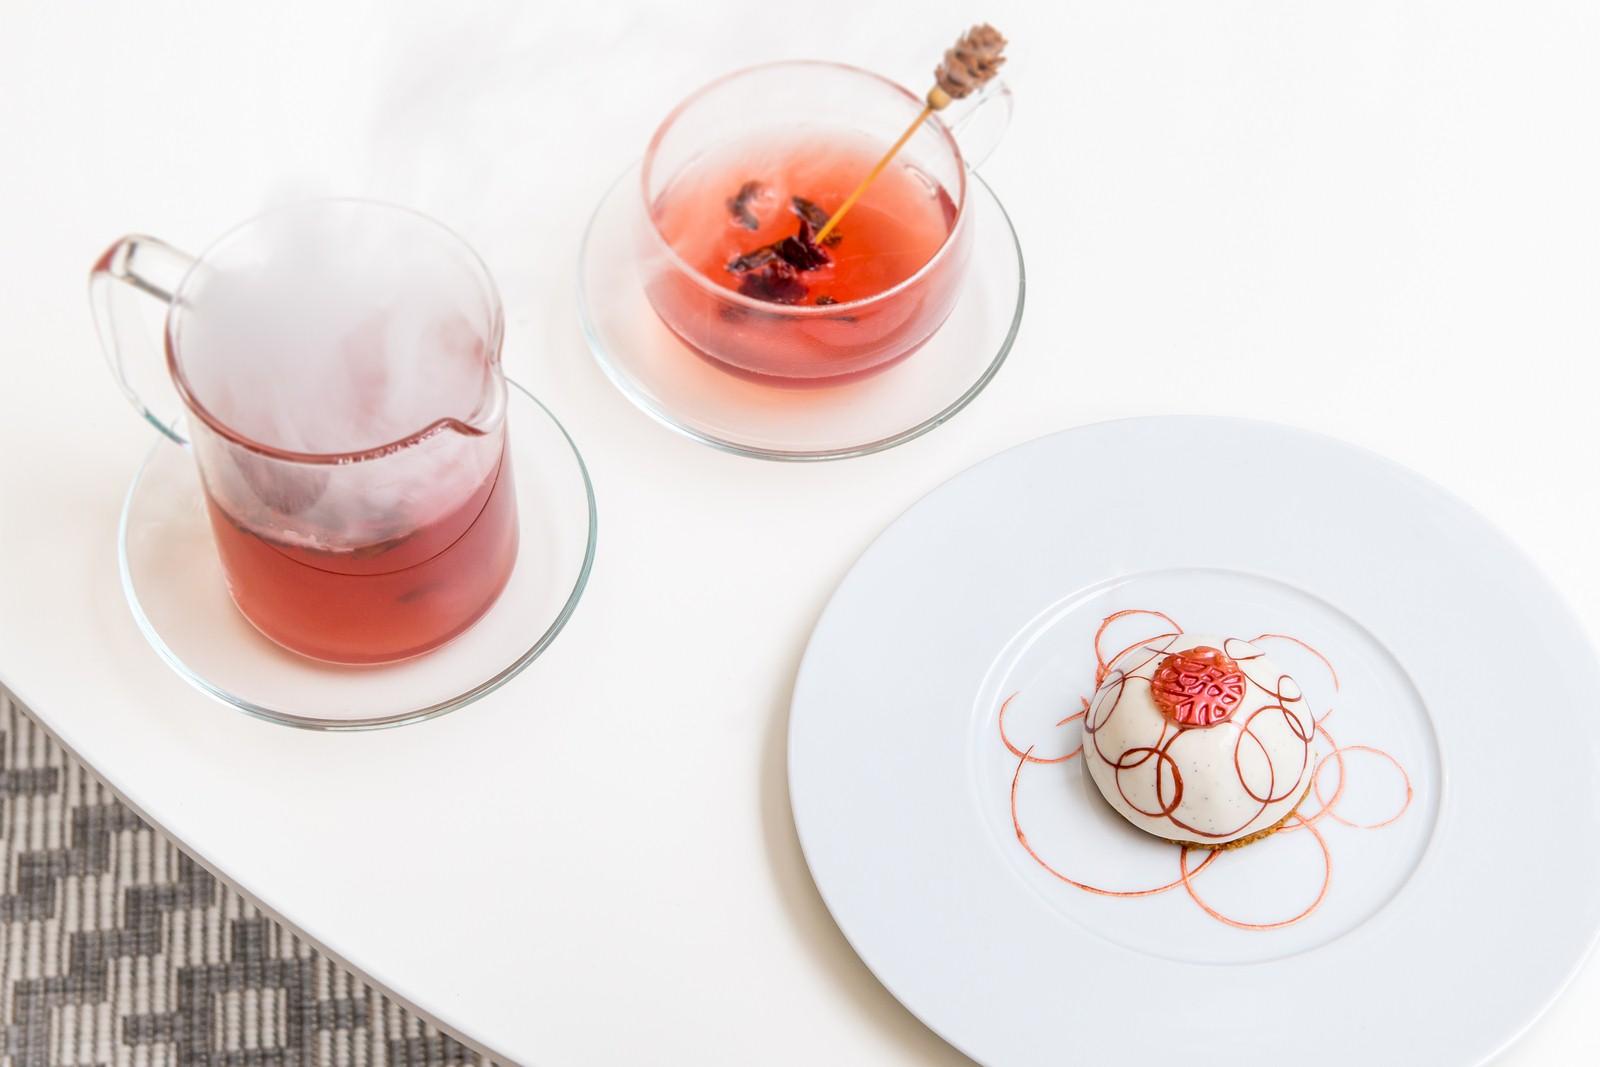 Boiling Tea et Dome Dairelles et de Vanille